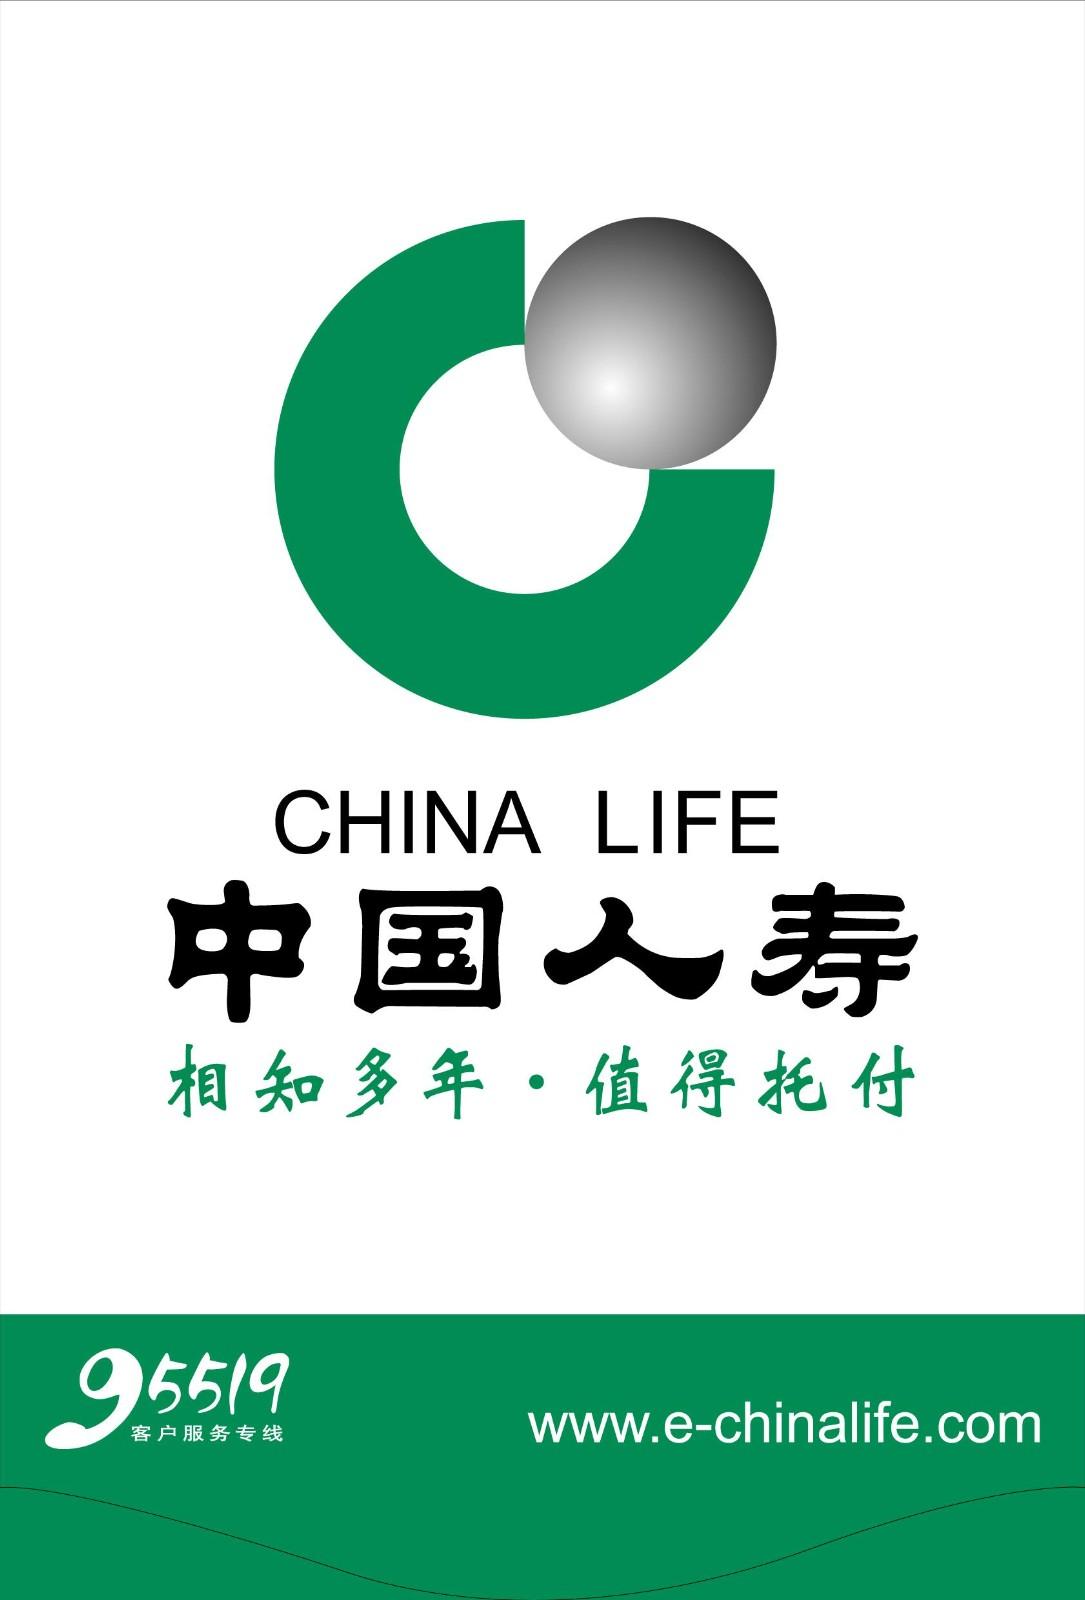 中国人寿的logo